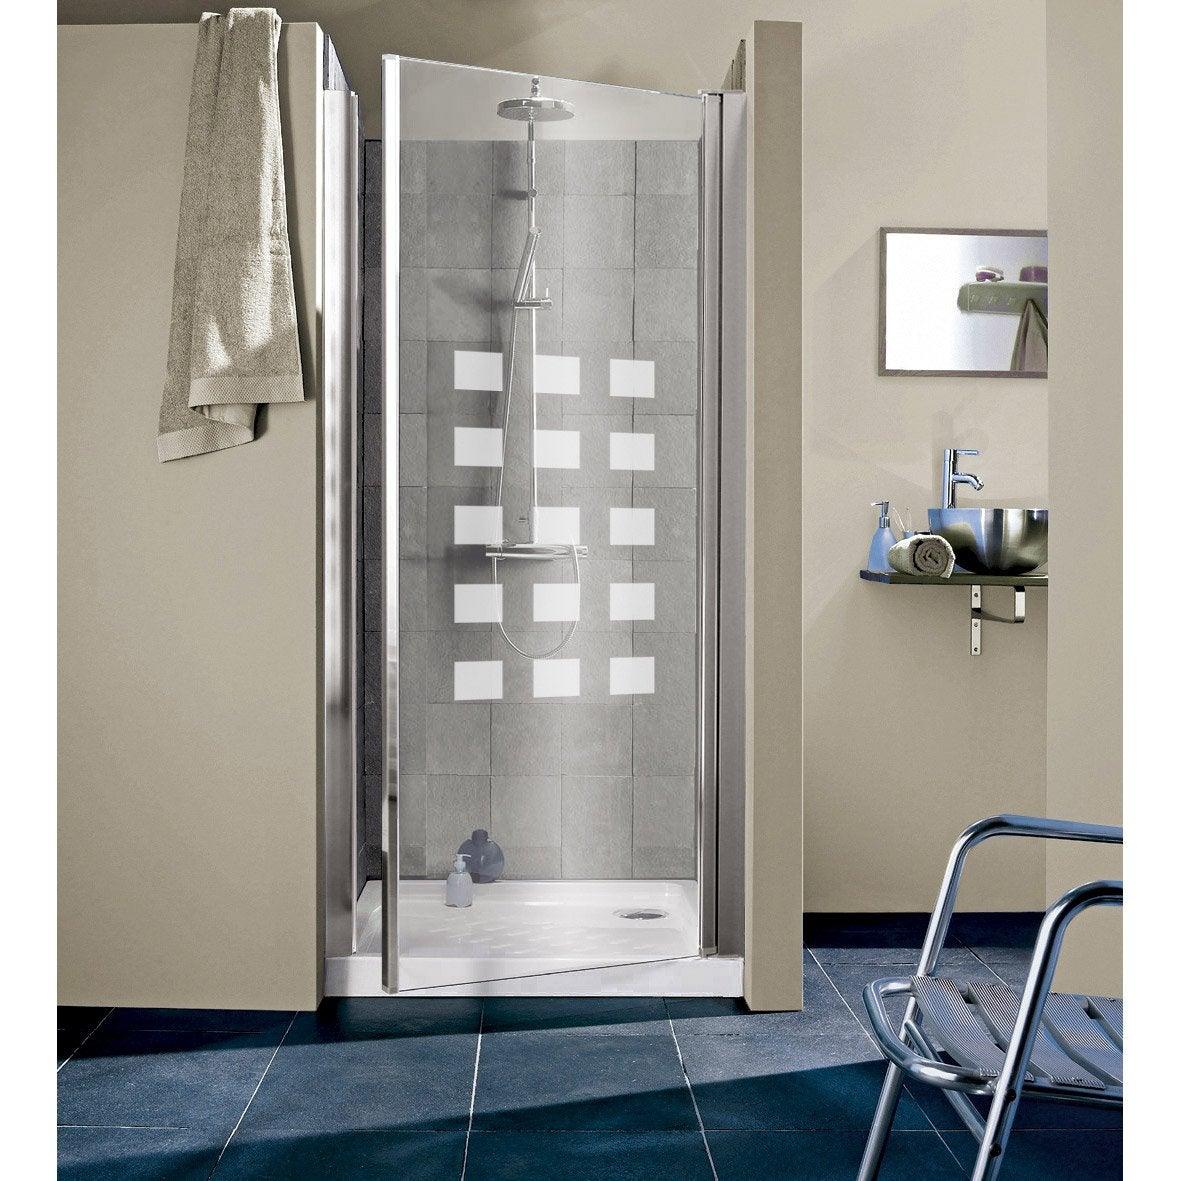 Porte de douche pivotante 97 101 cm profil chrom hekla leroy merlin - Leroy merlin porte de douche ...